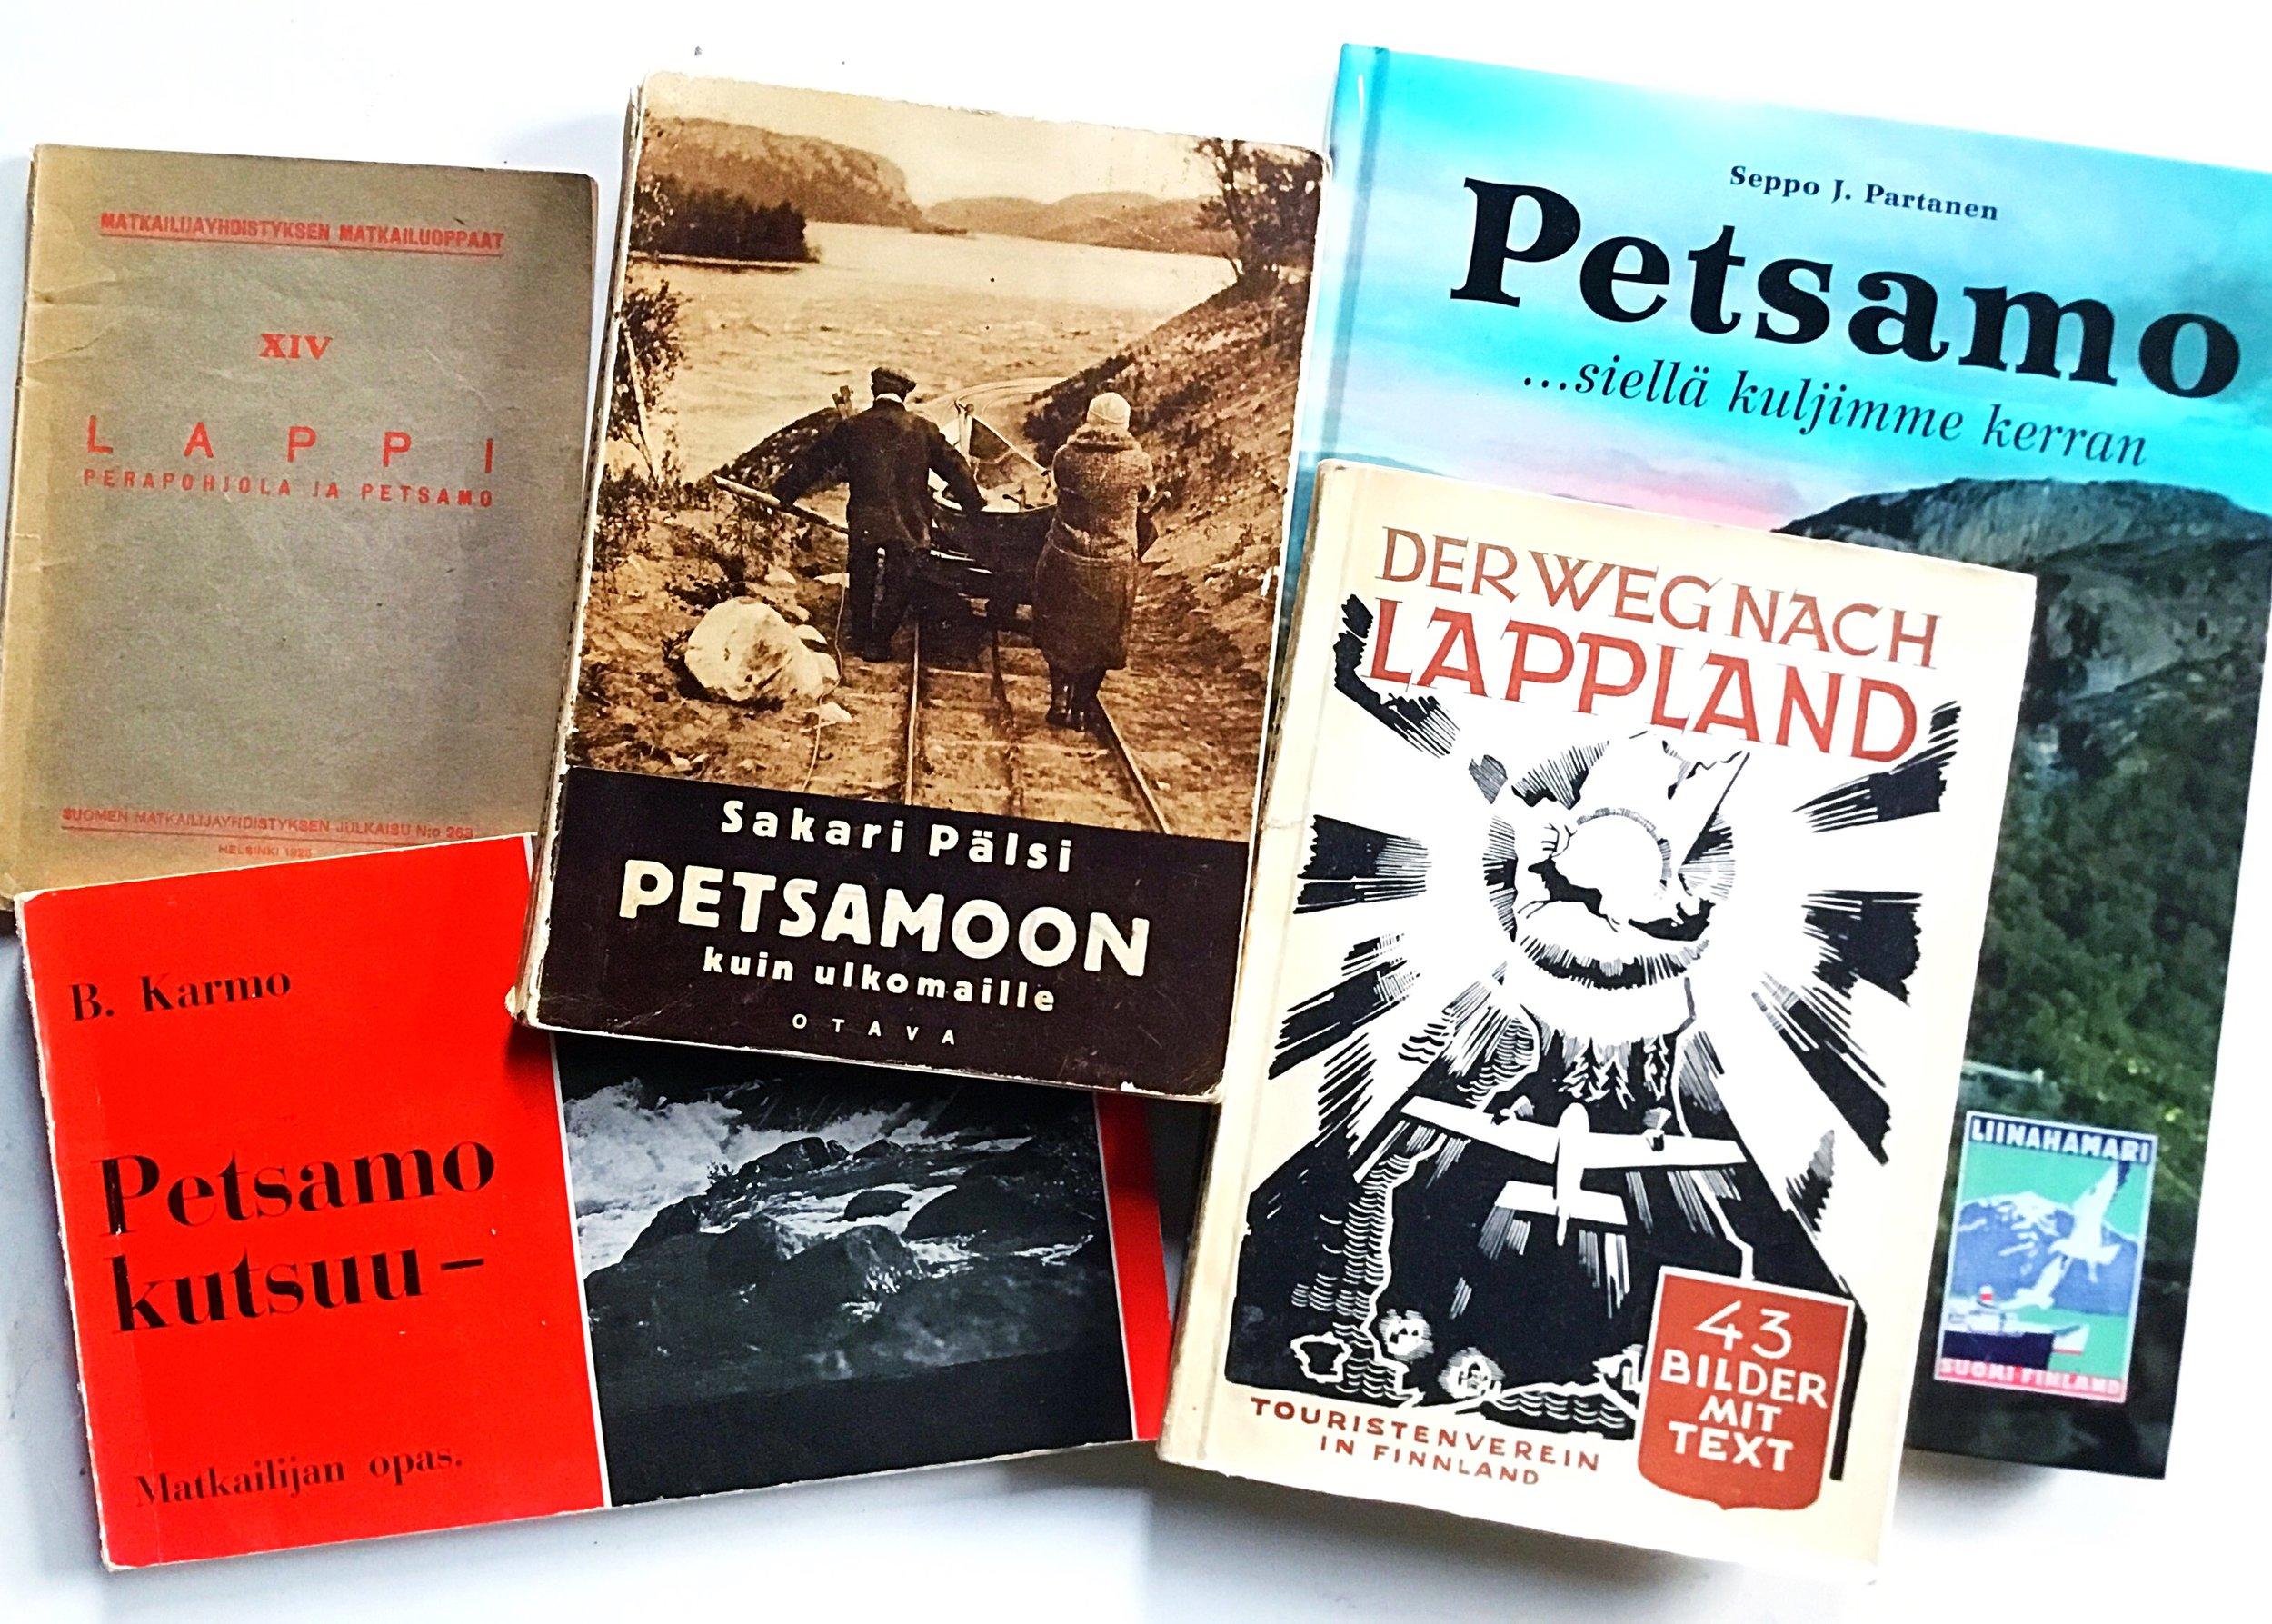 Kyllä näiden kirjojen tiedoilla varmaan voi reissuun lähteä.